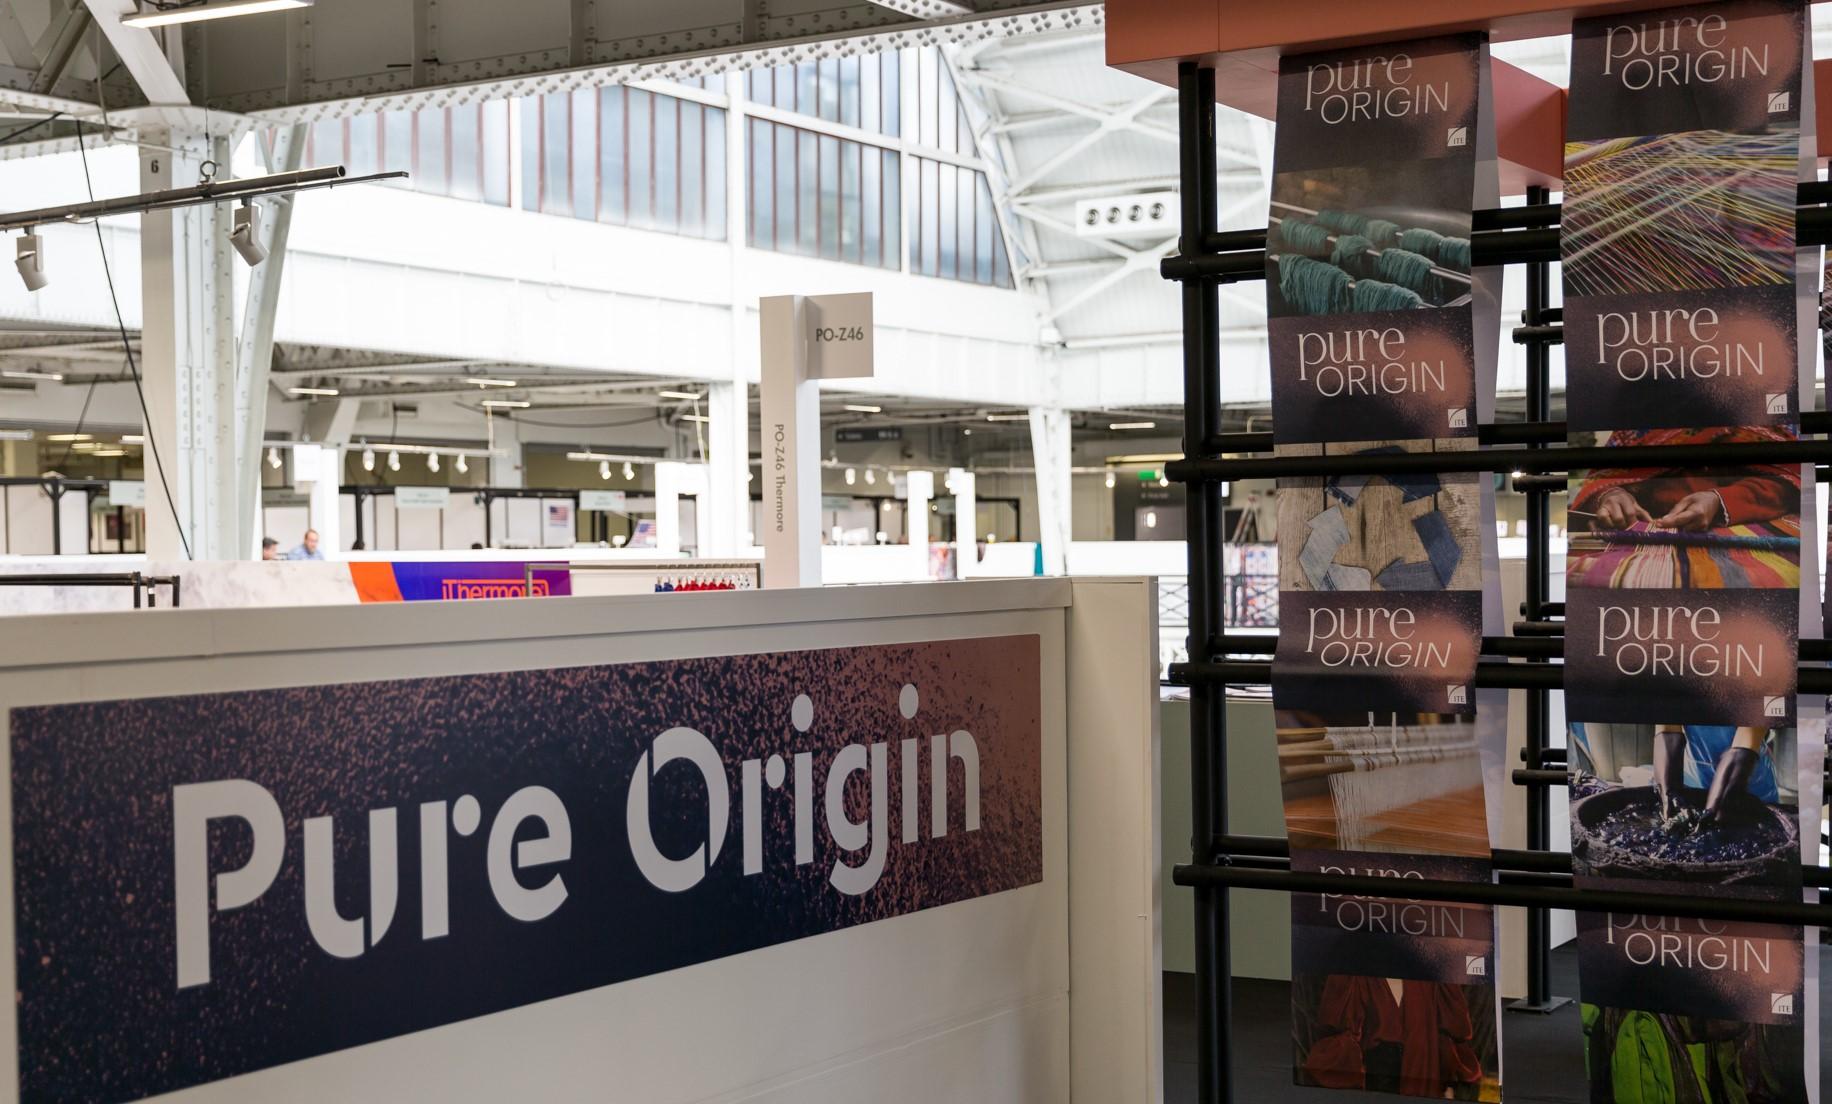 Pure origin signage